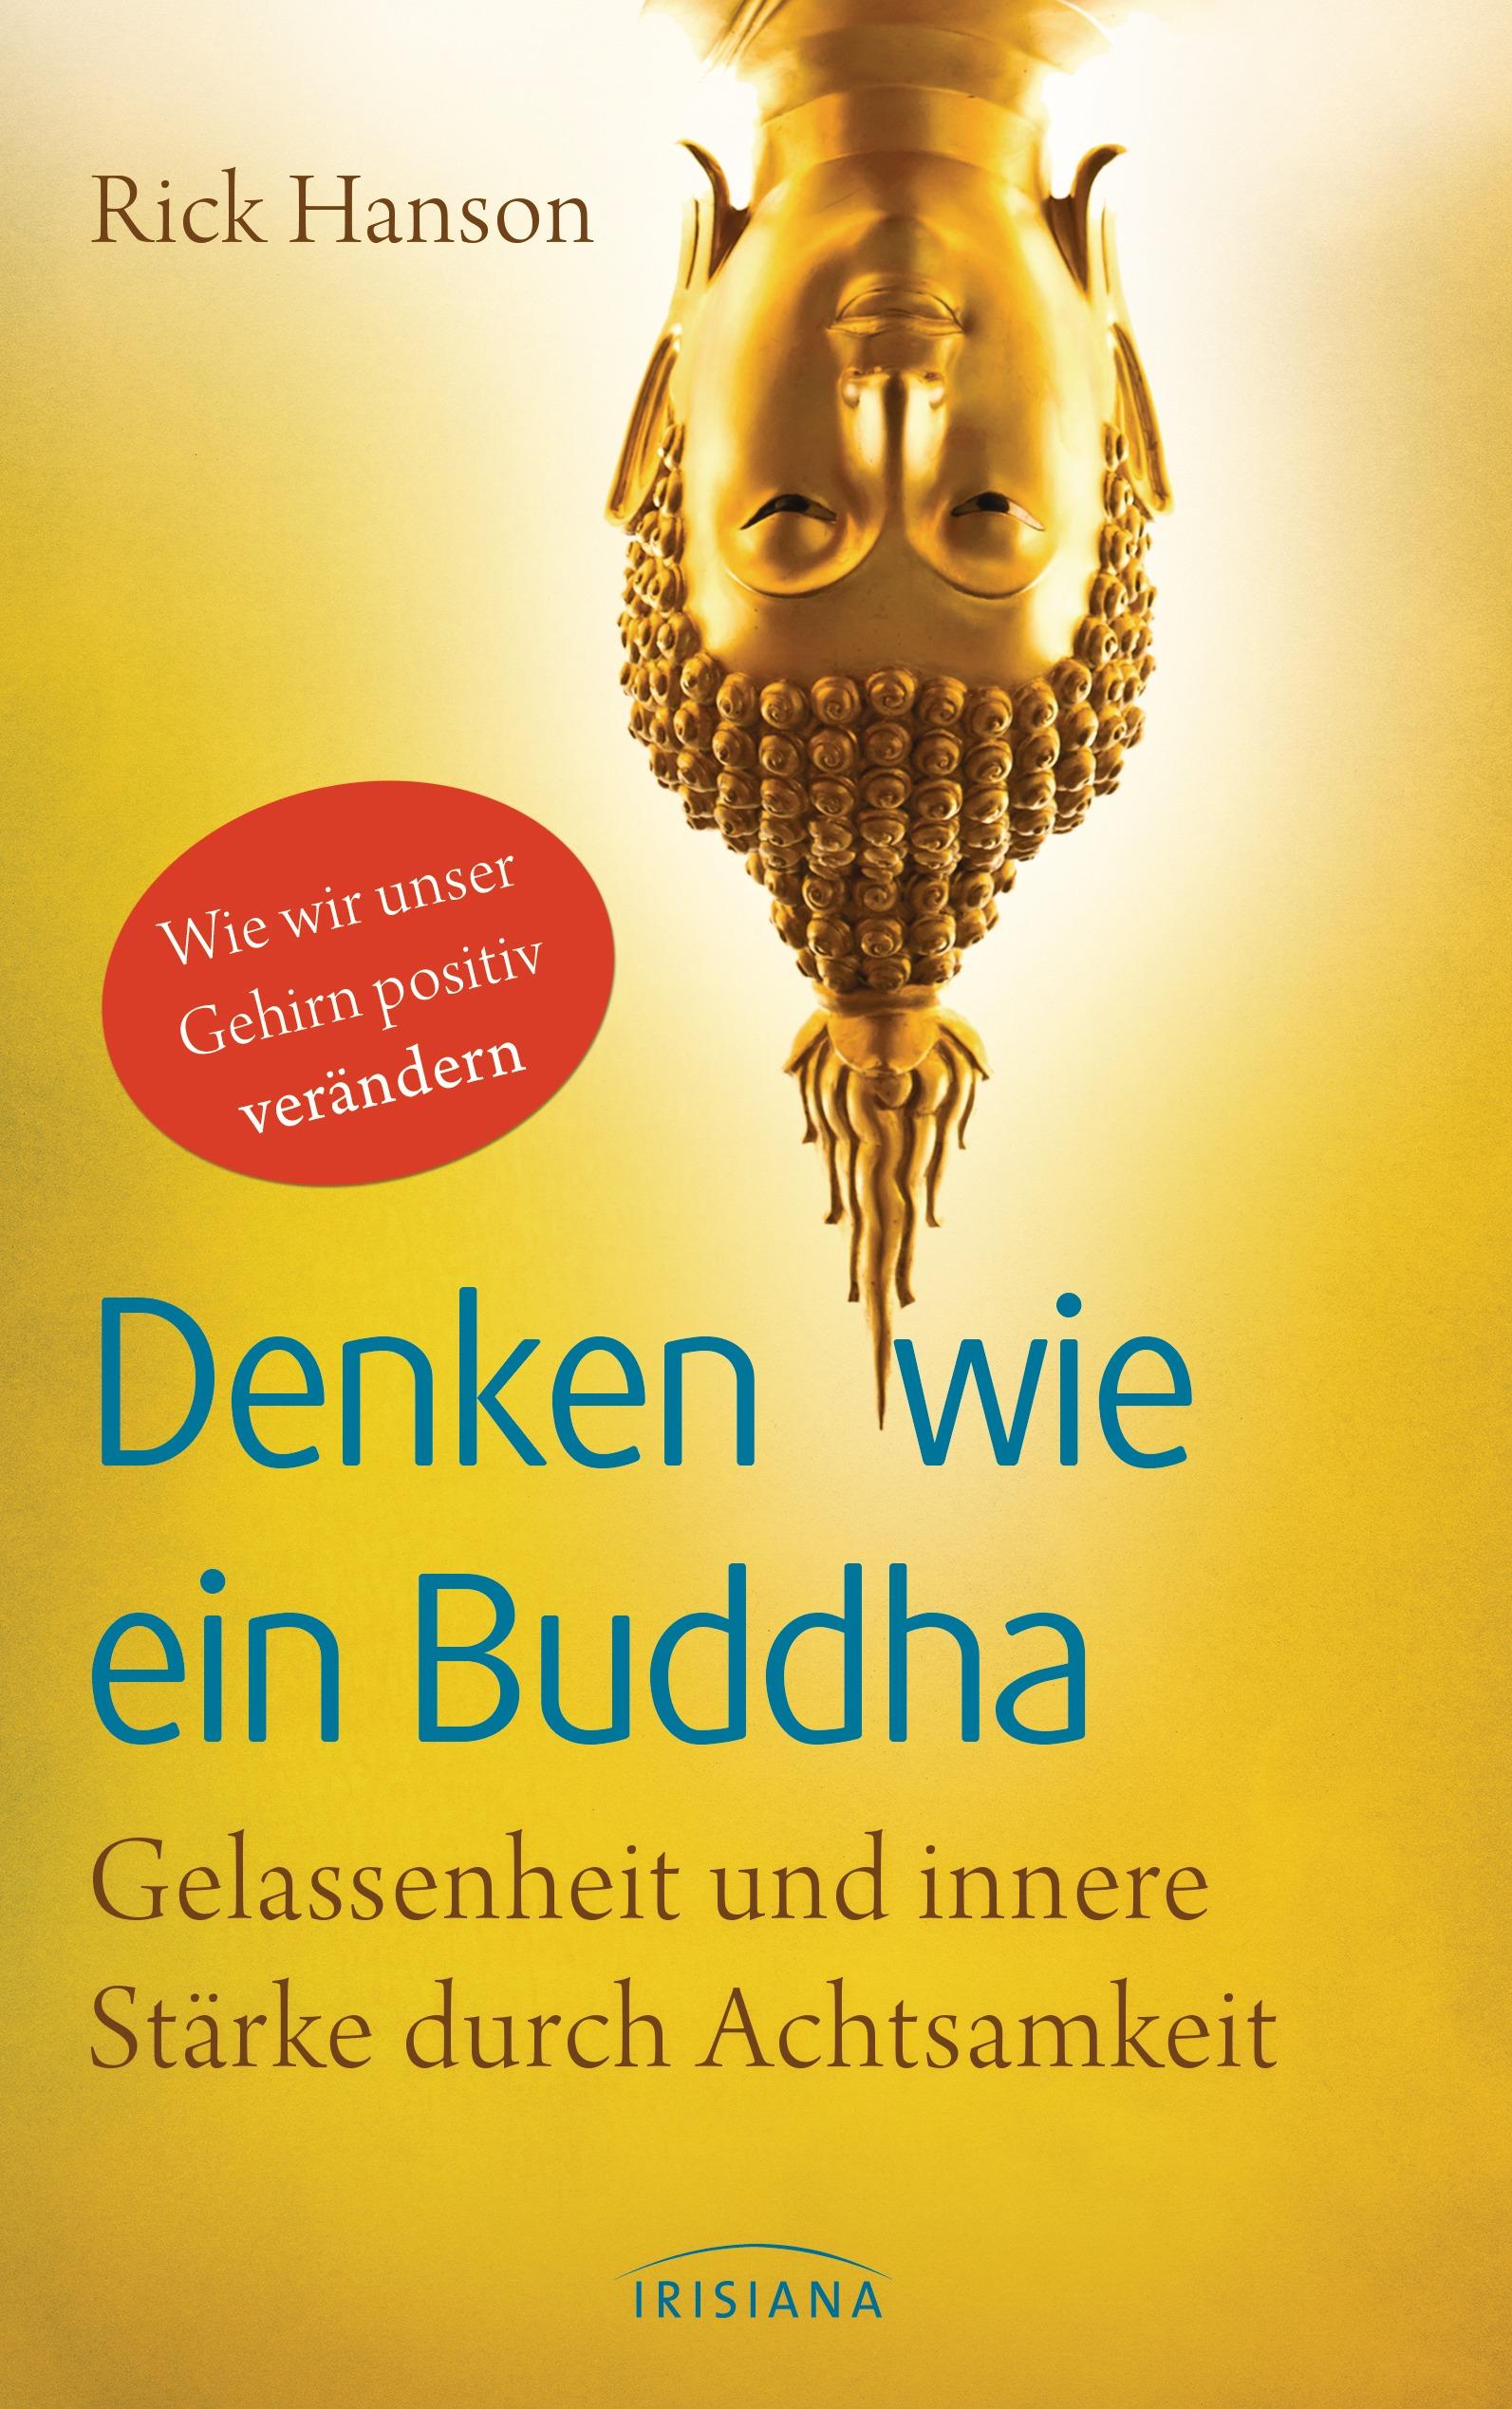 Denken wie ein Buddha: Gelassenheit und innere Stärke durch Achtsamkeit - Wie wir unser Gehirn positiv verändern - Rick